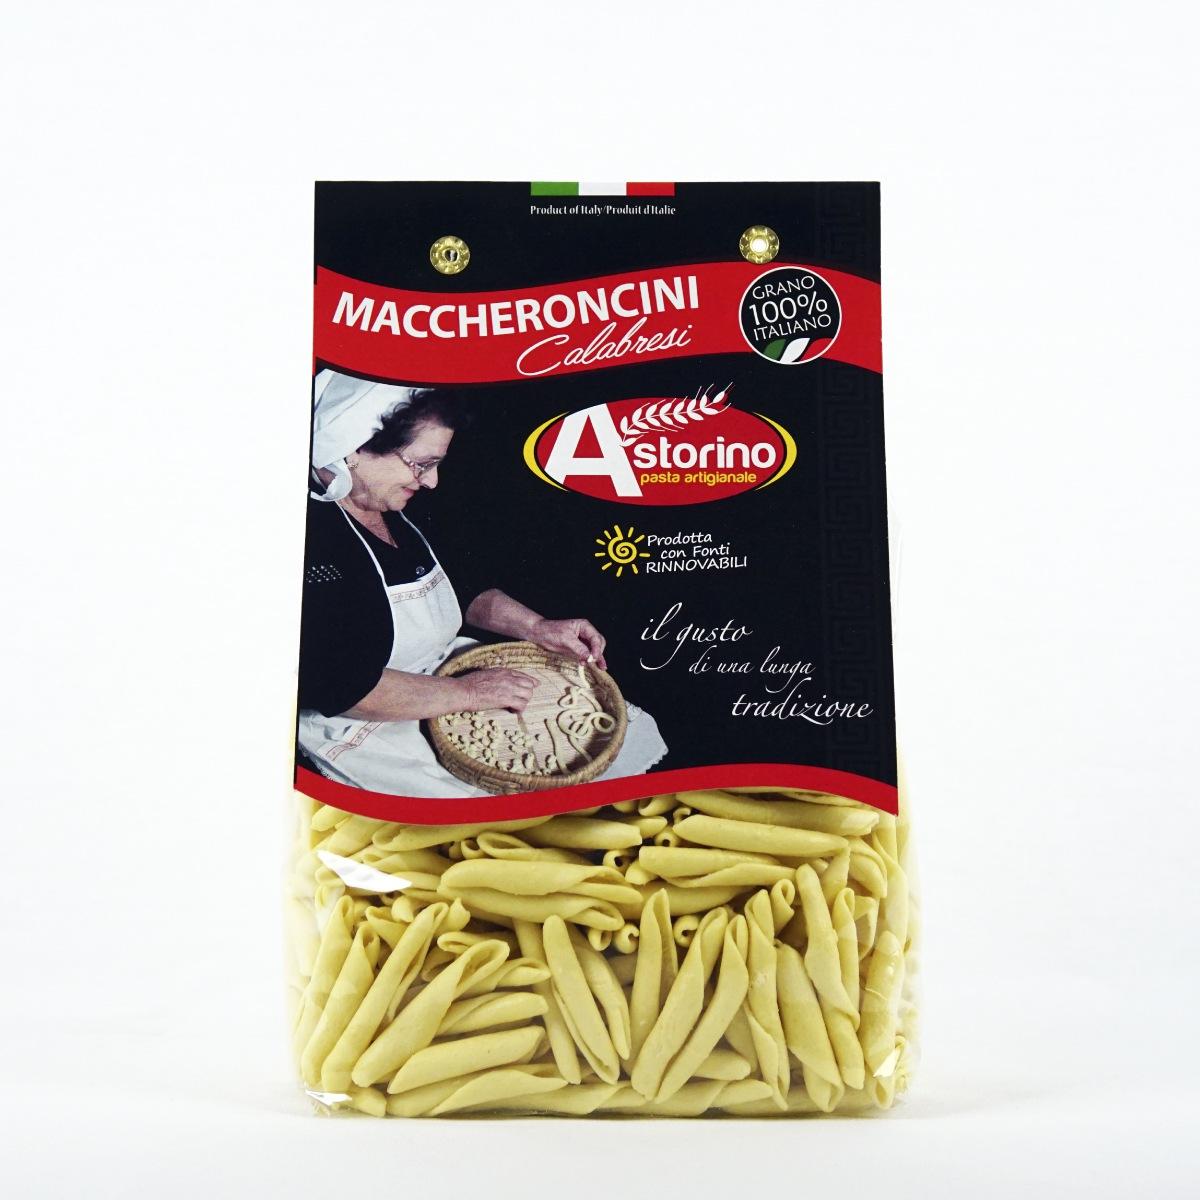 pasta_tradizionale_di_grano_duro_italiano_maccheroncini_f